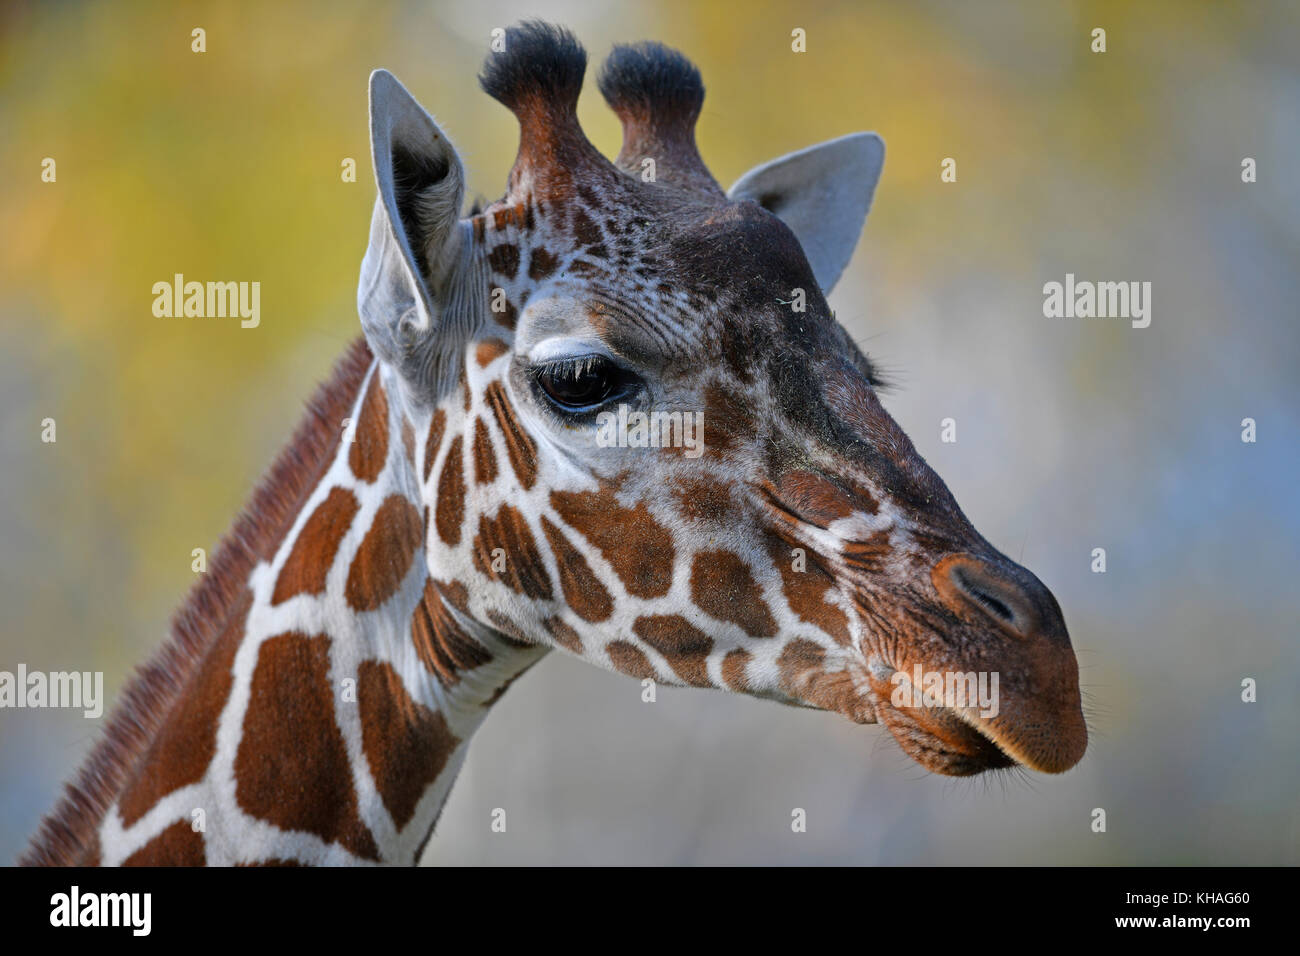 Somali giraffe (Giraffa camelopardalis reticulata), portrait, captive - Stock Image